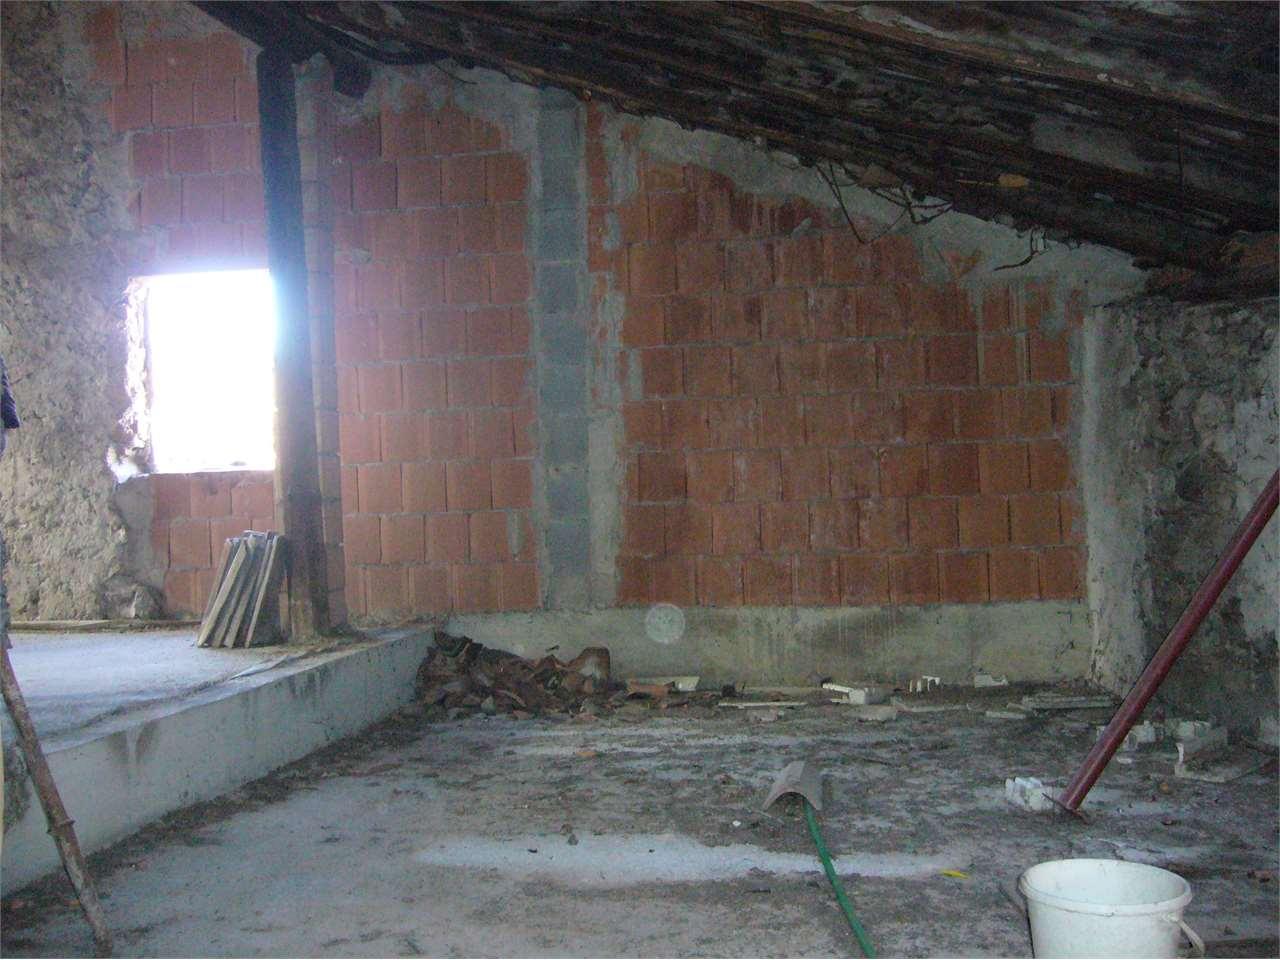 Appartamento in vendita a Pomarolo, 1 locali, prezzo € 100.000 | CambioCasa.it